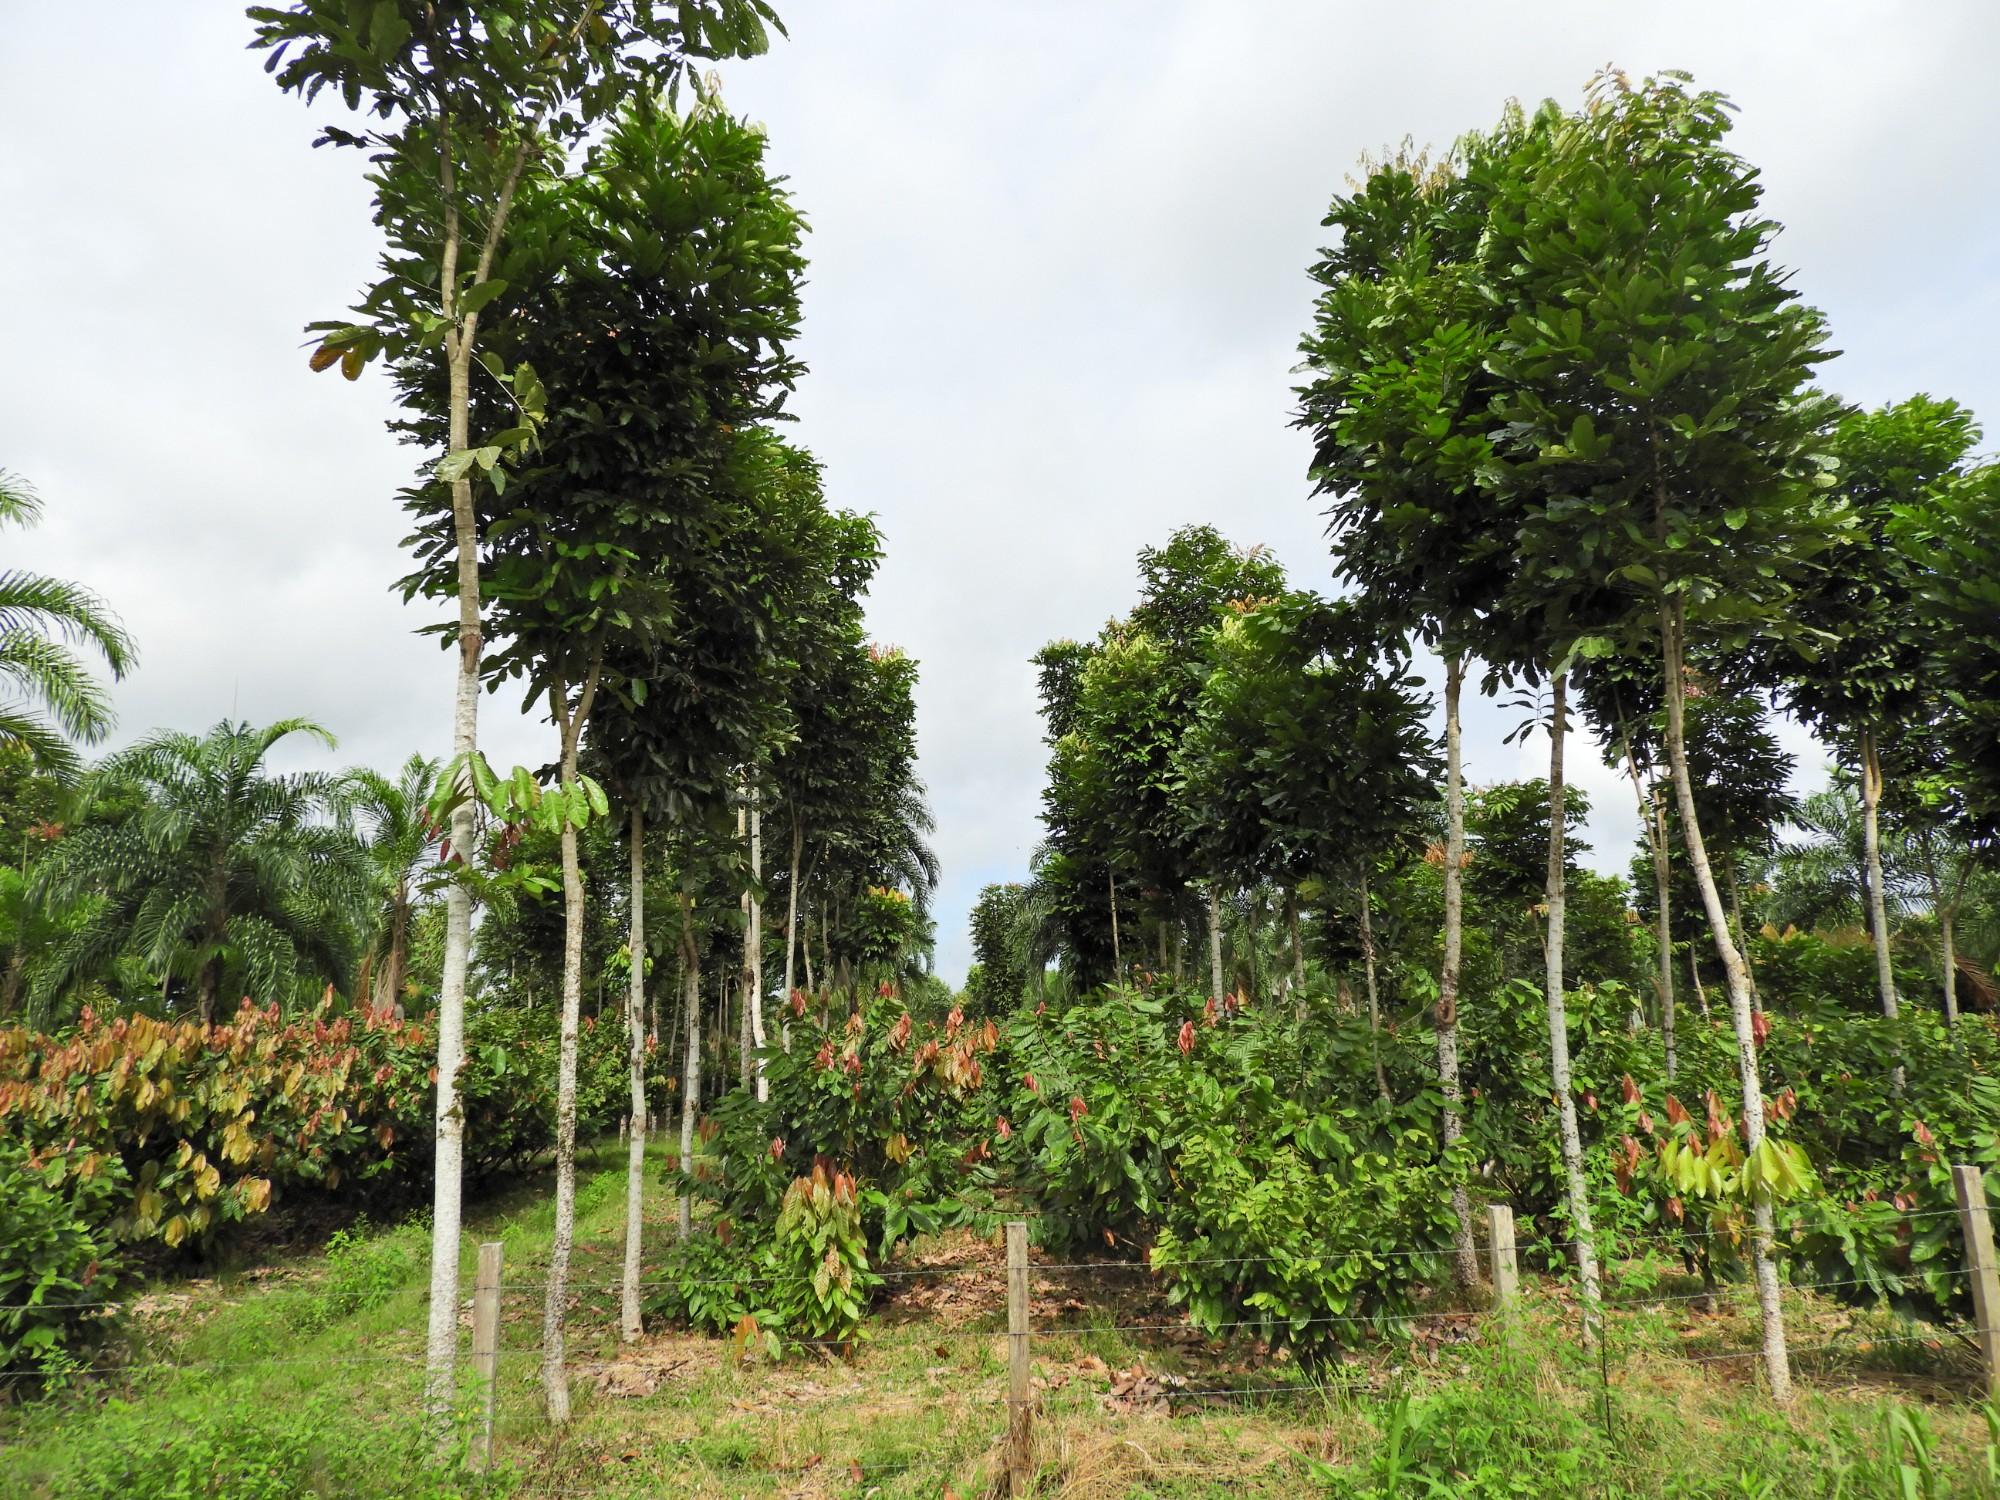 En el día del árbol, hablemos sobre el tangare